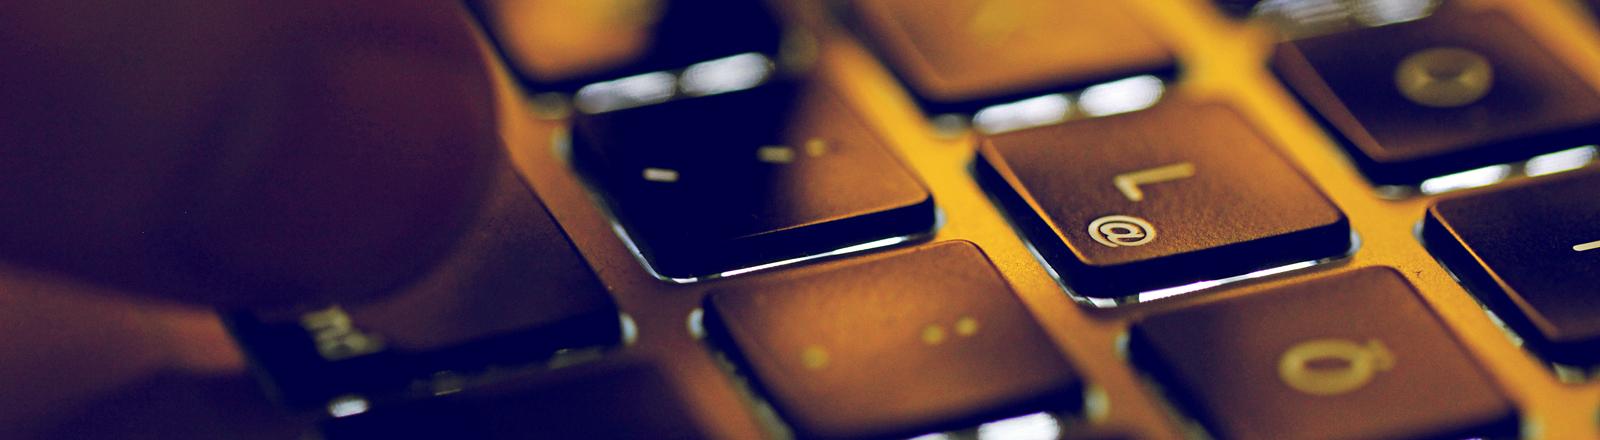 Finger auf einer Laptop-Tastatur